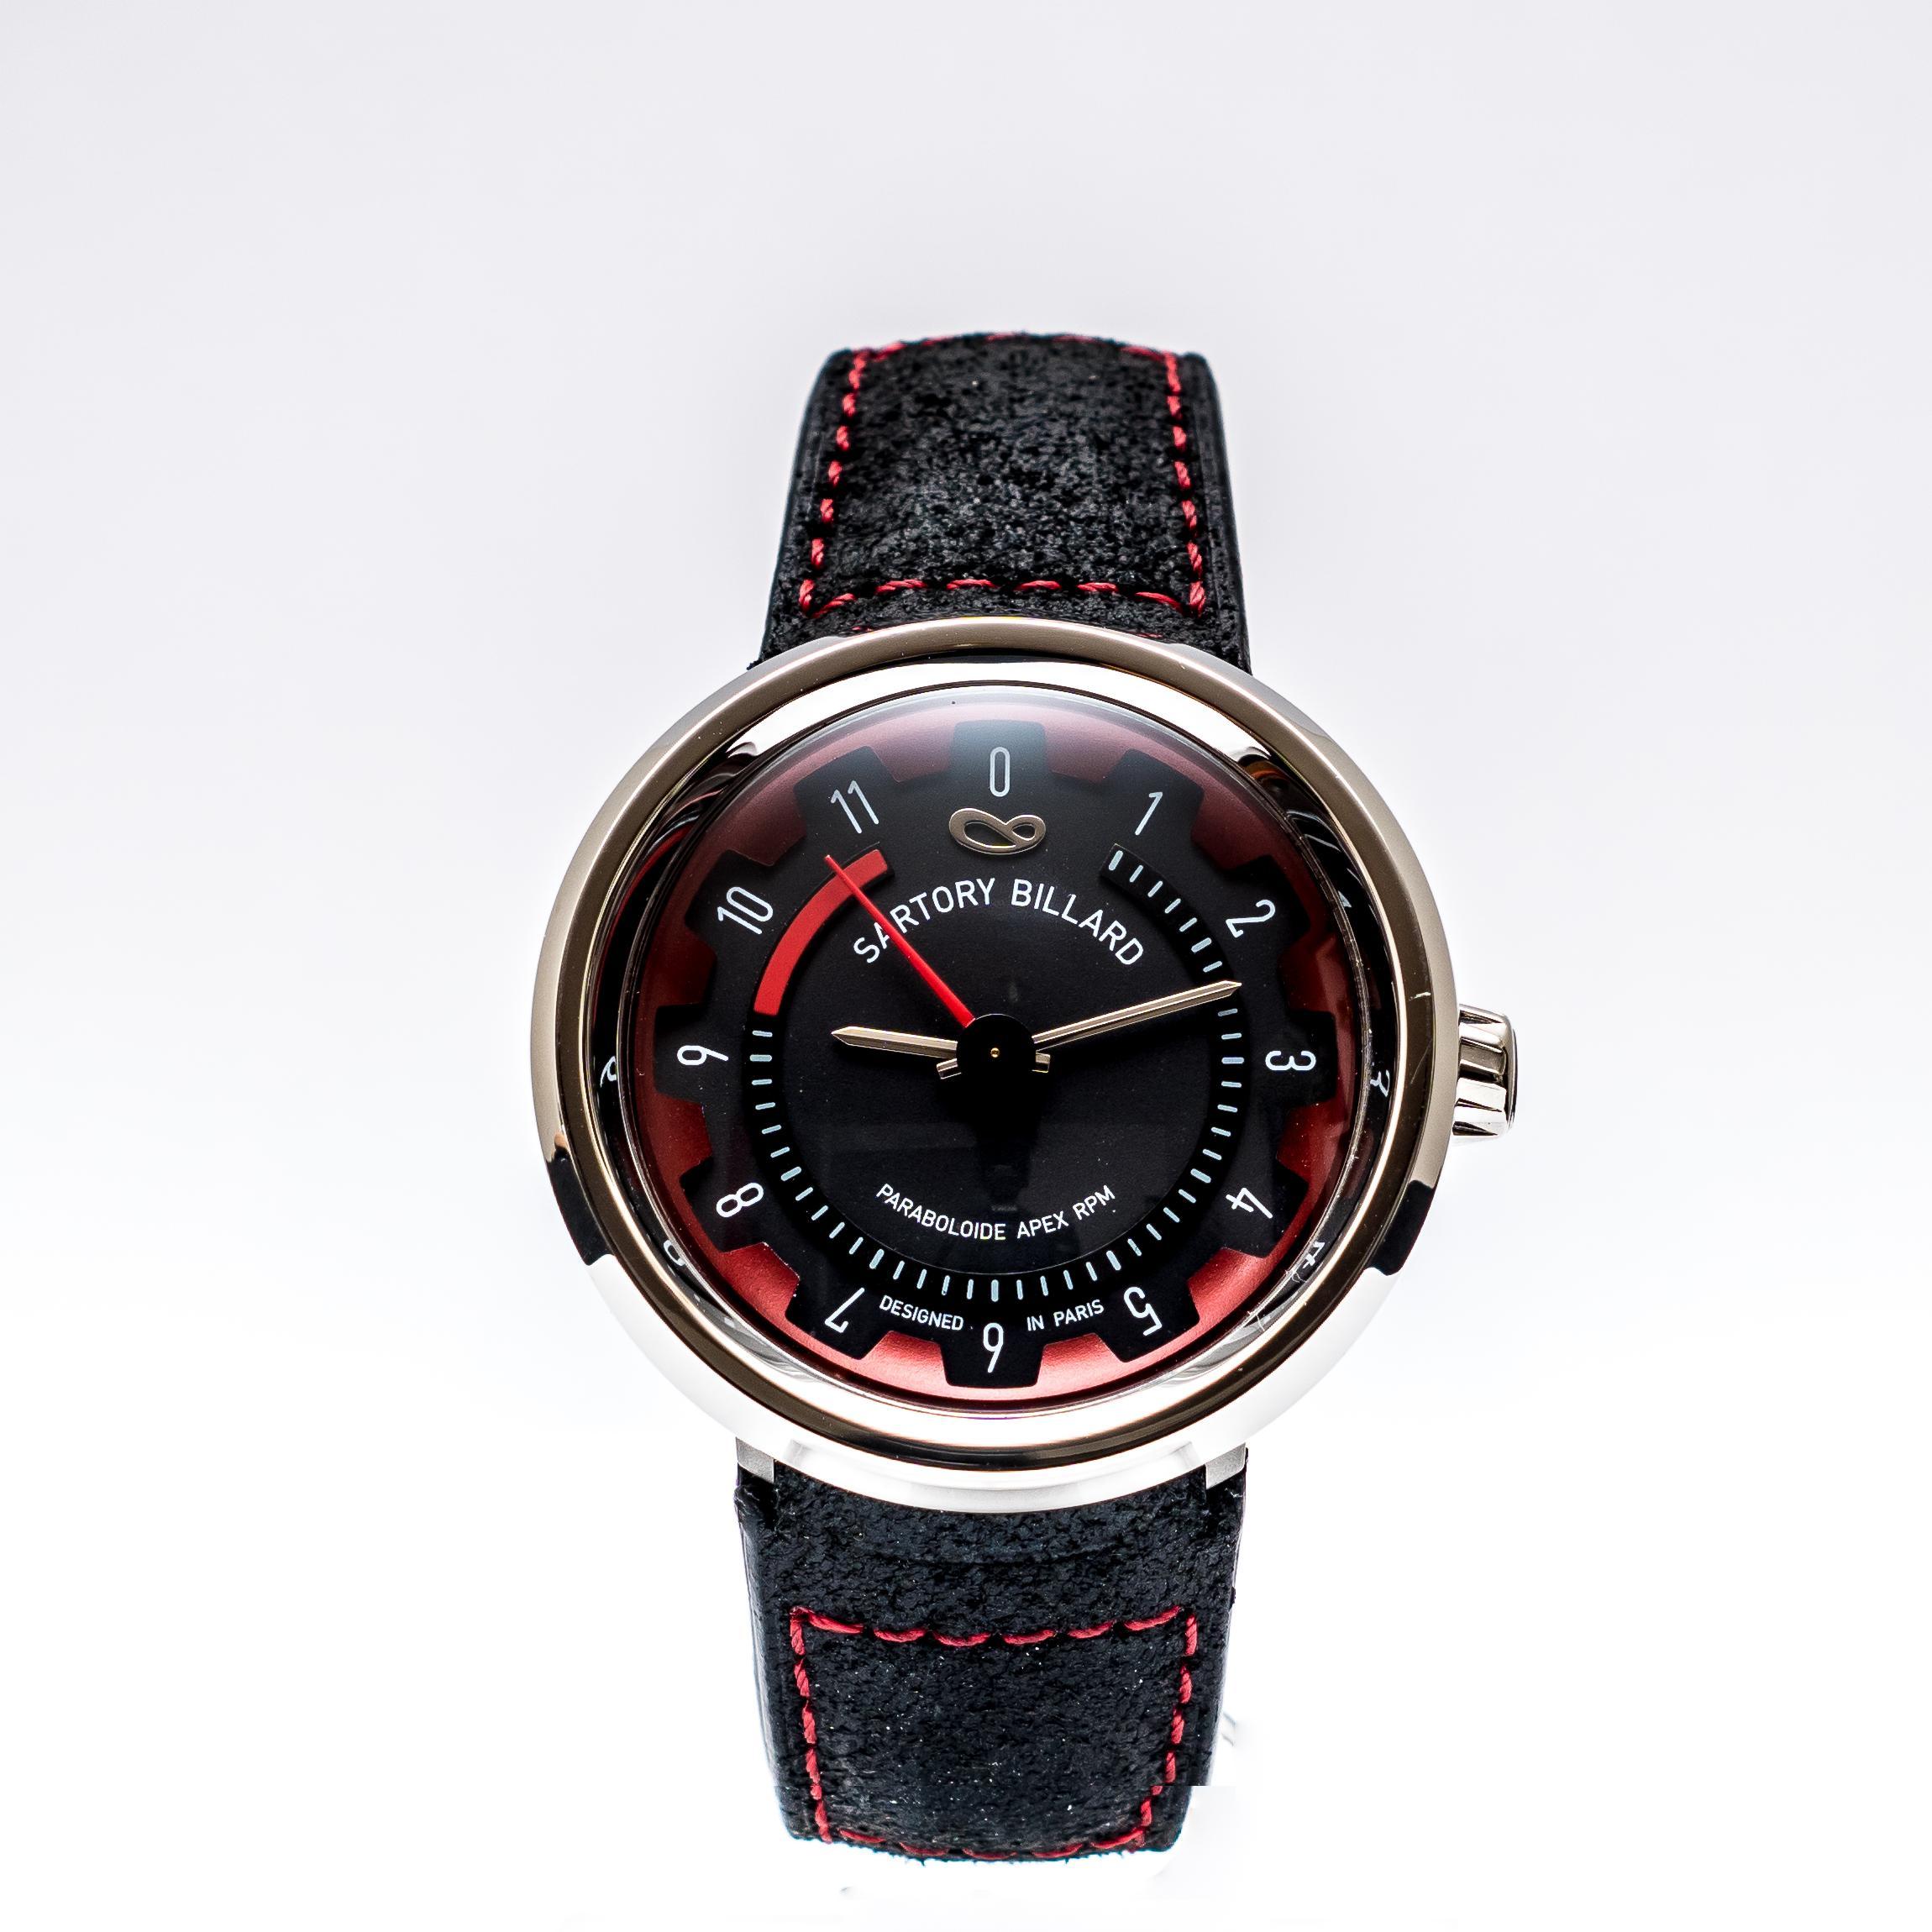 Naissance d'une nouvelle montre française : SARTORY BILLARD RPM01 - Page 2 SARTORY-BILLARD-fond-blanc-face-boucl%C3%A9e